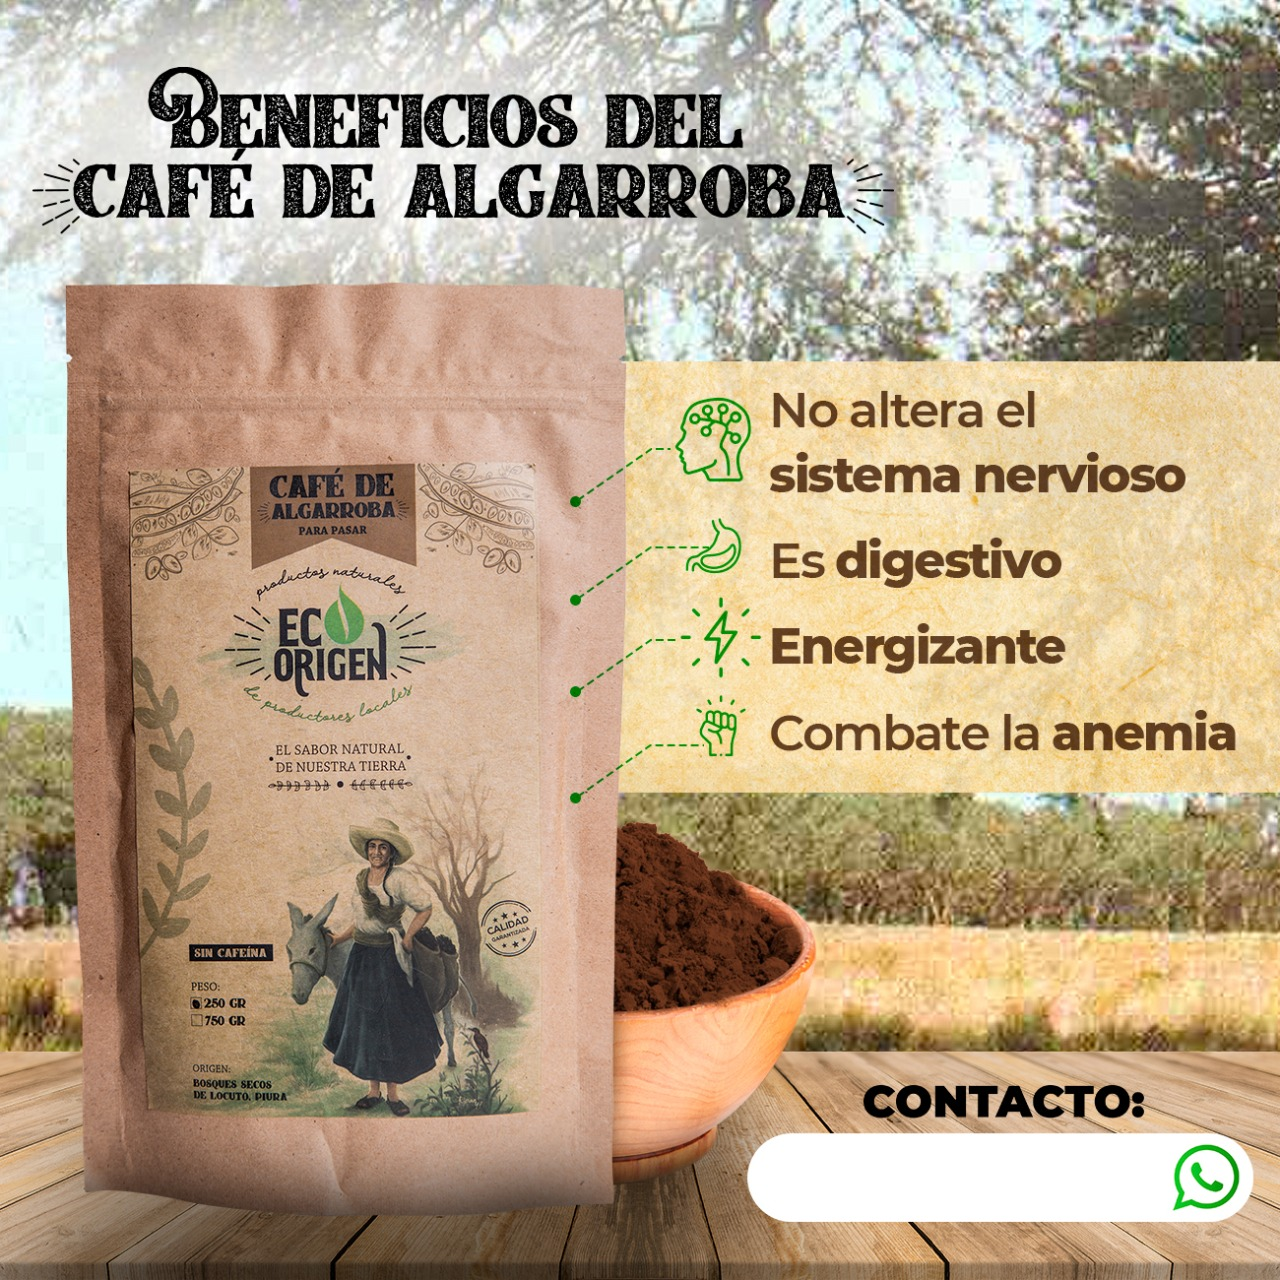 Beneficios del café de algarroba Eco Origen